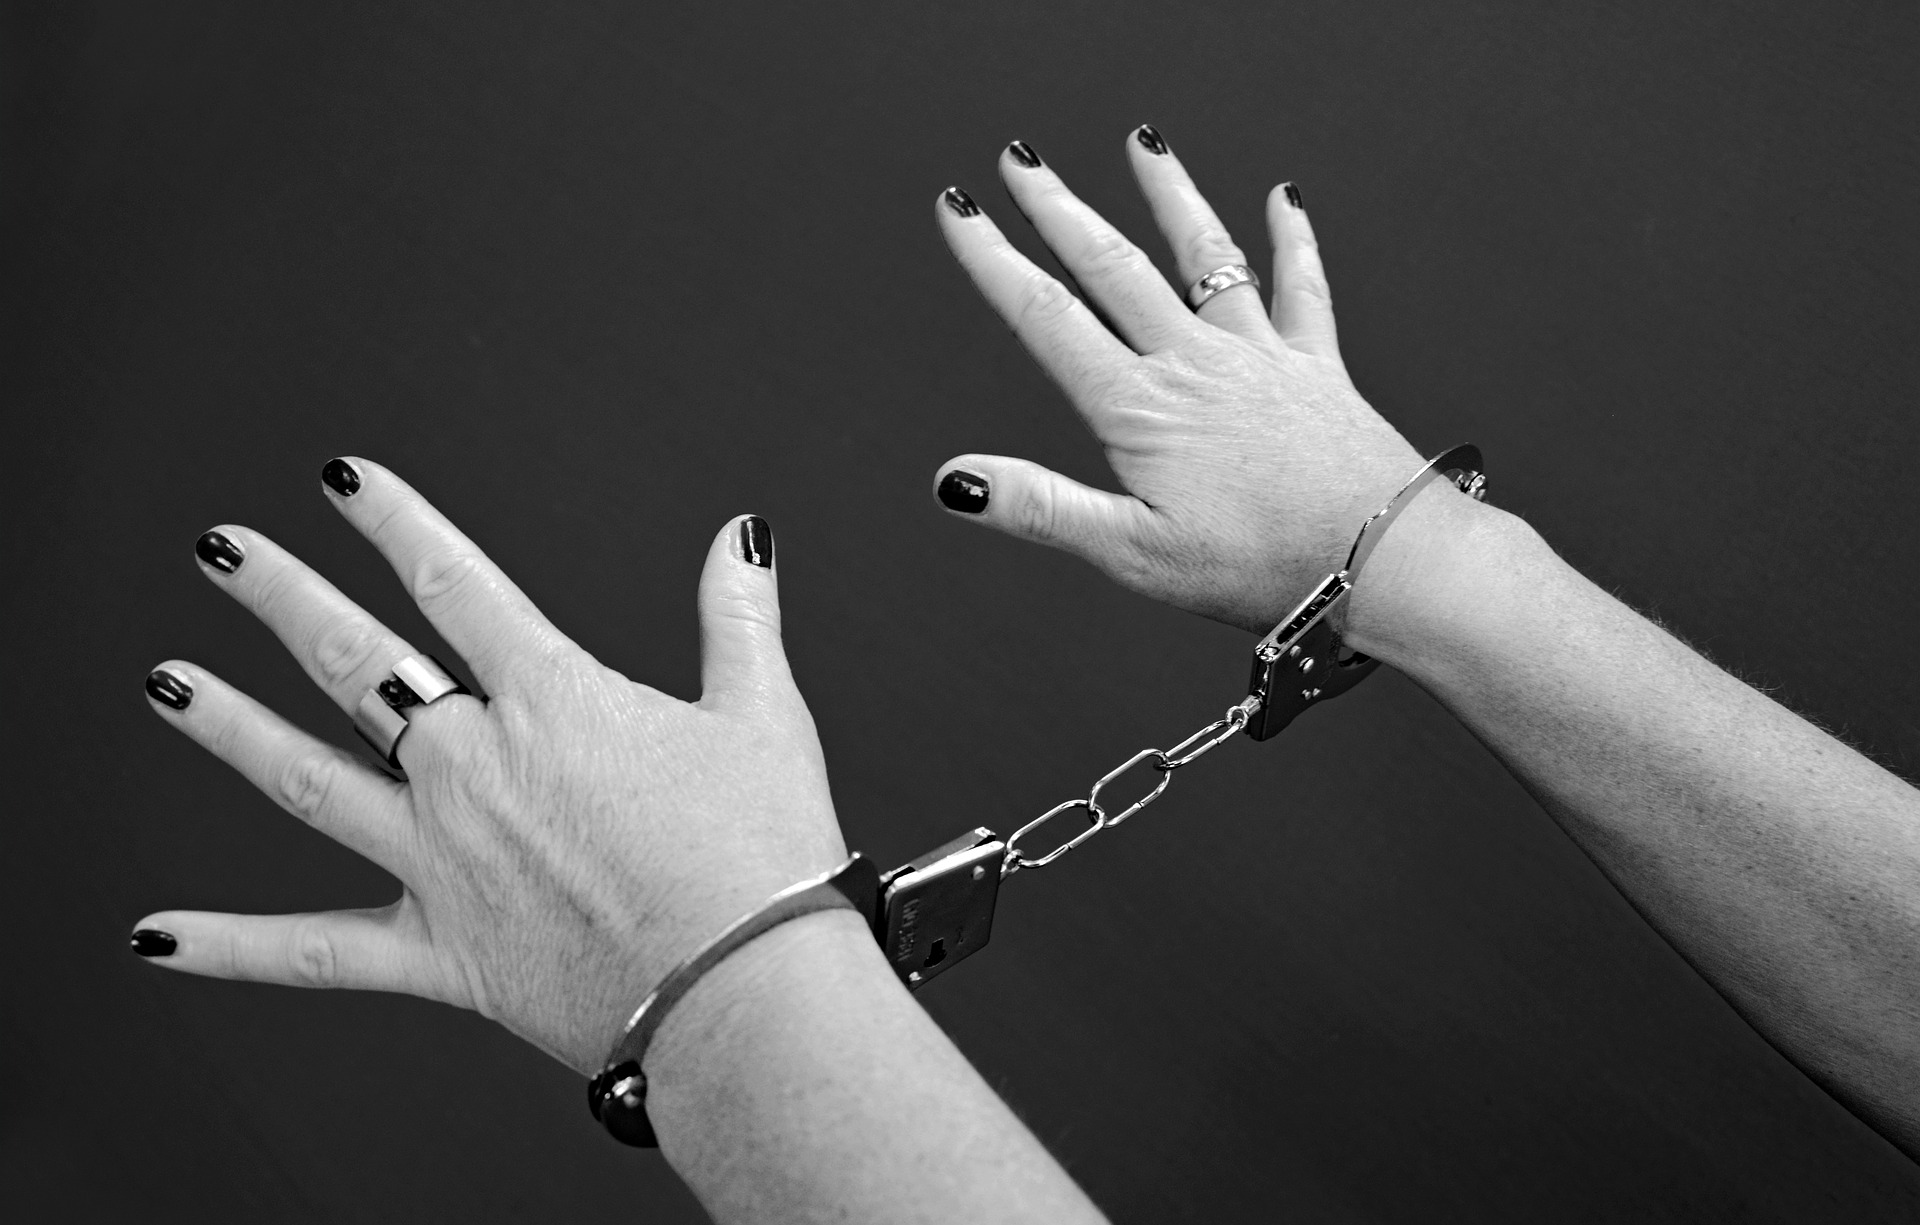 handcuffs-964522_1920